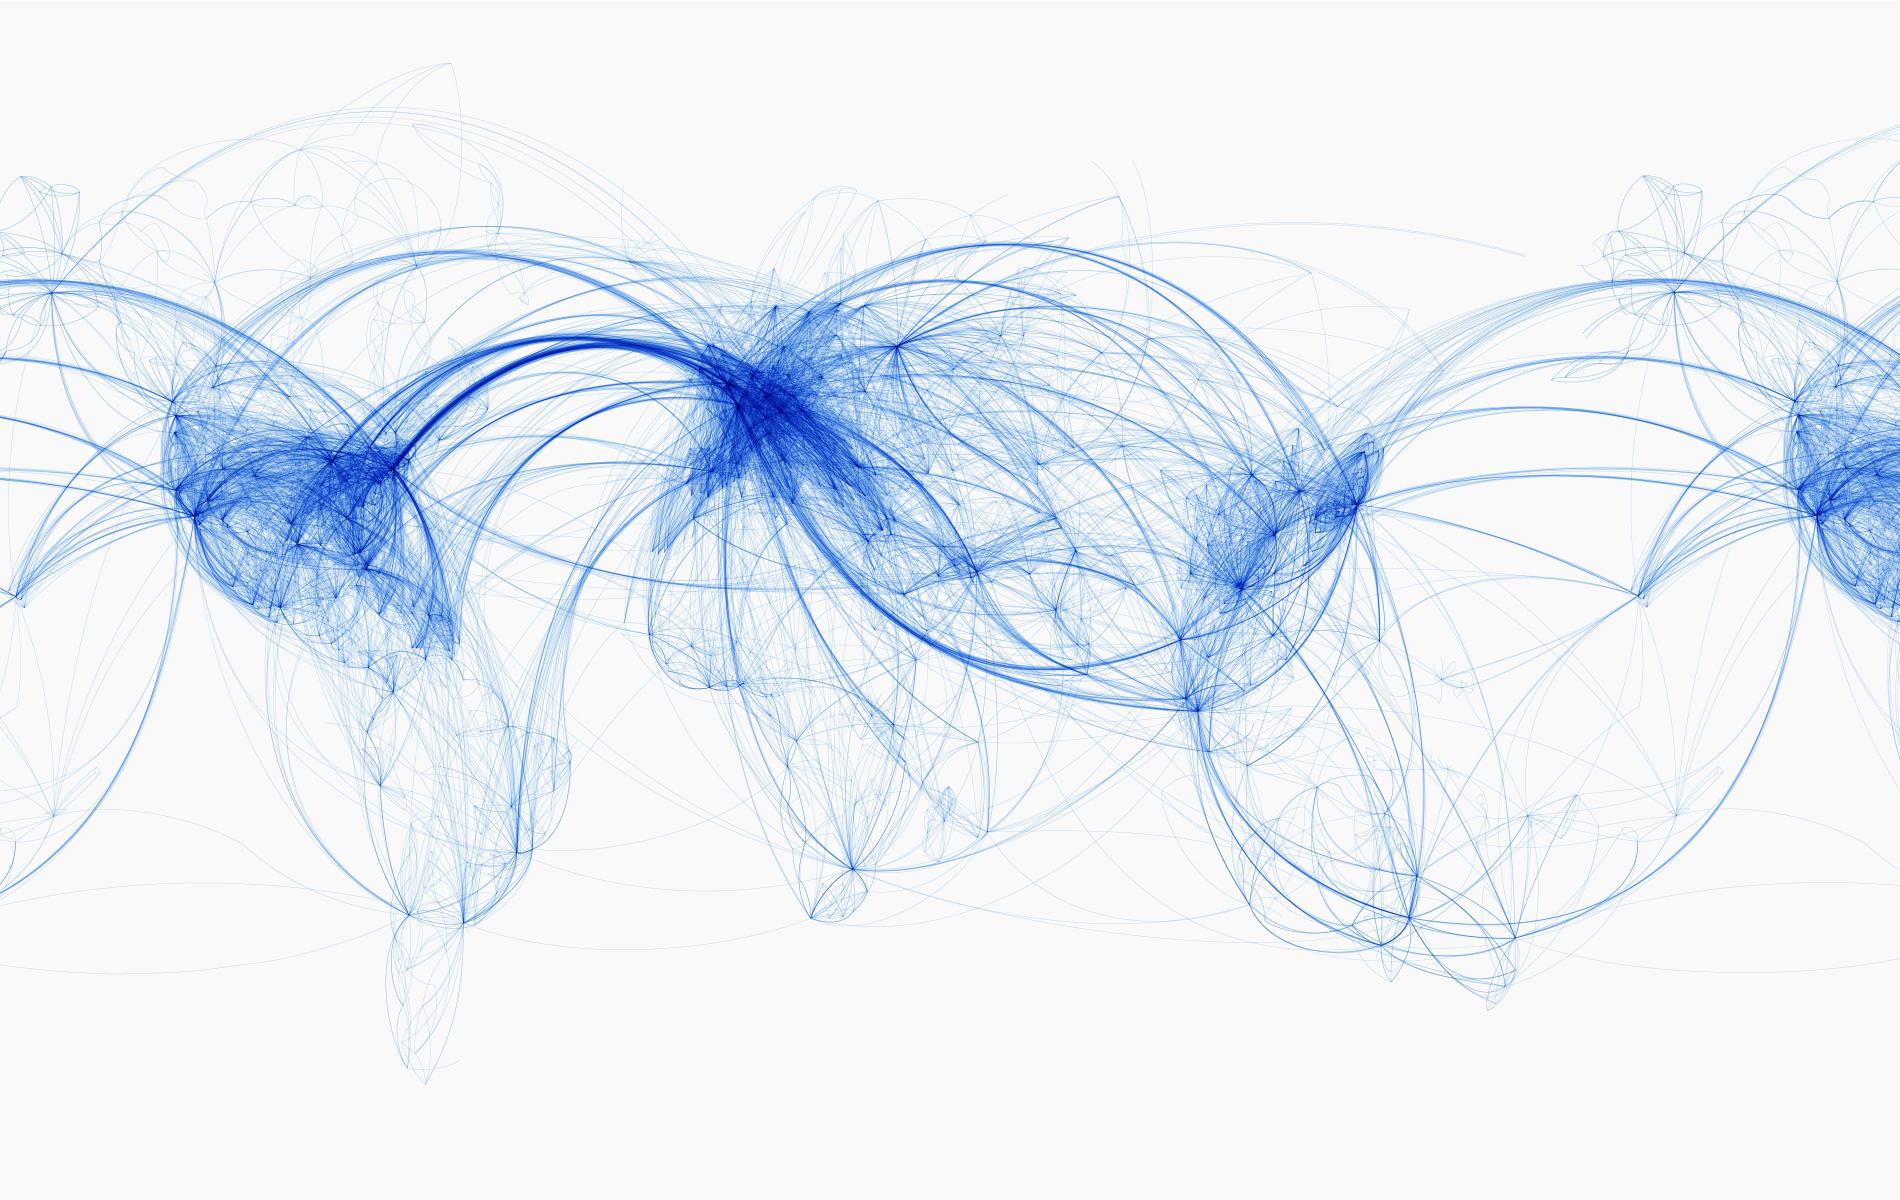 전 세계 항공 노선도 (이미지 클릭하면 큰 그림으로 볼 수 있다)